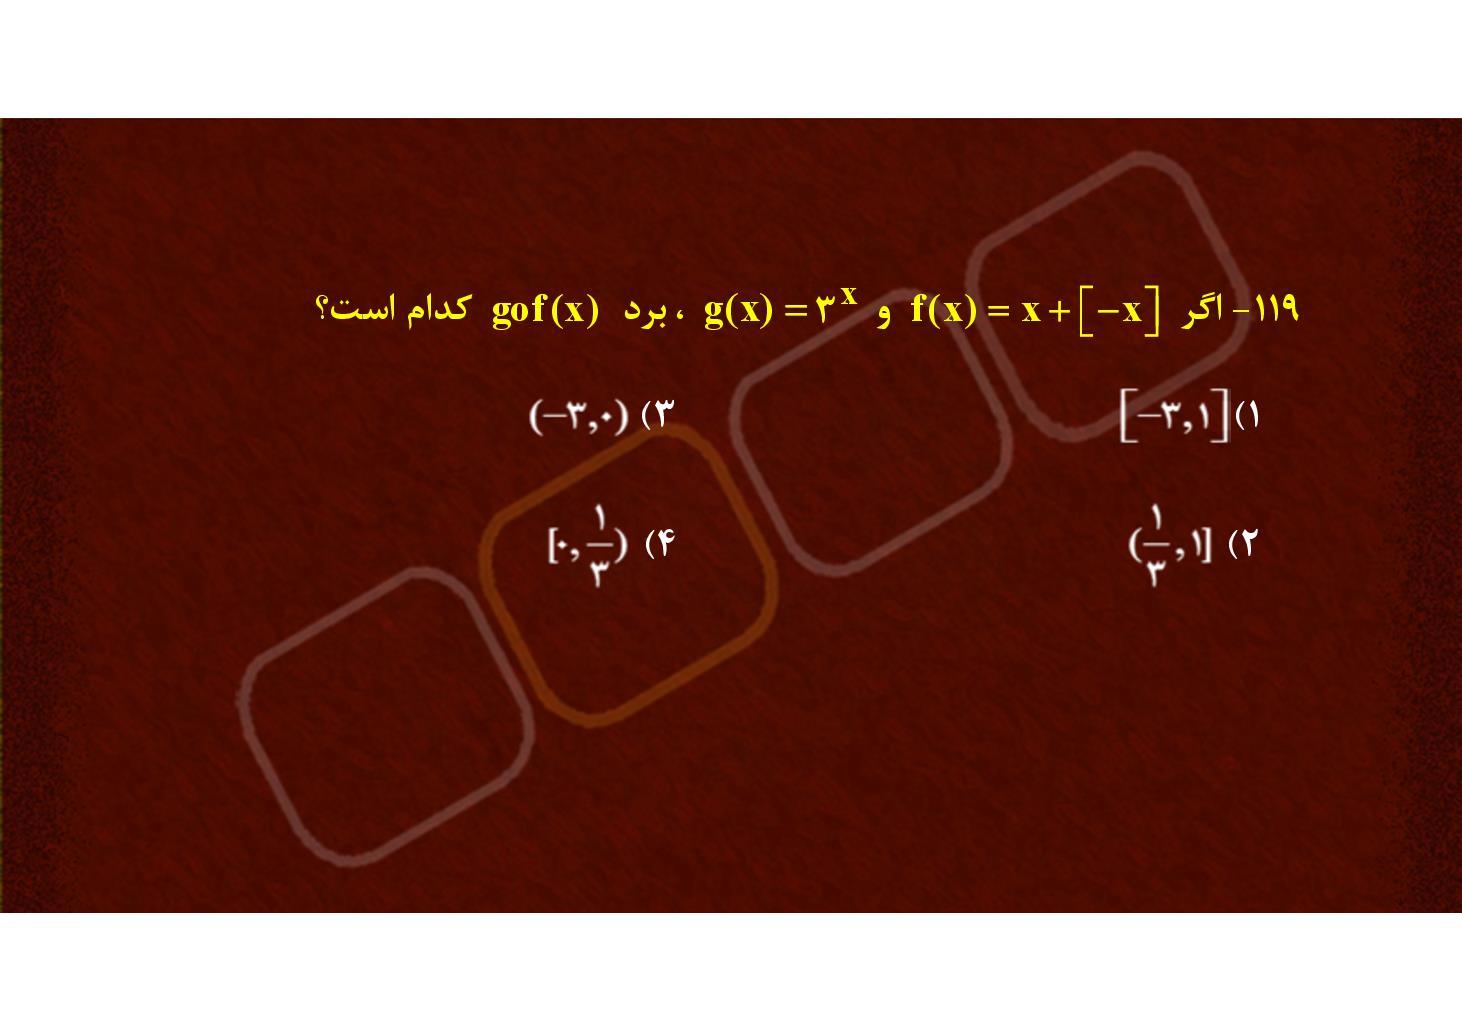 توابع جزءصحیح (PDF)